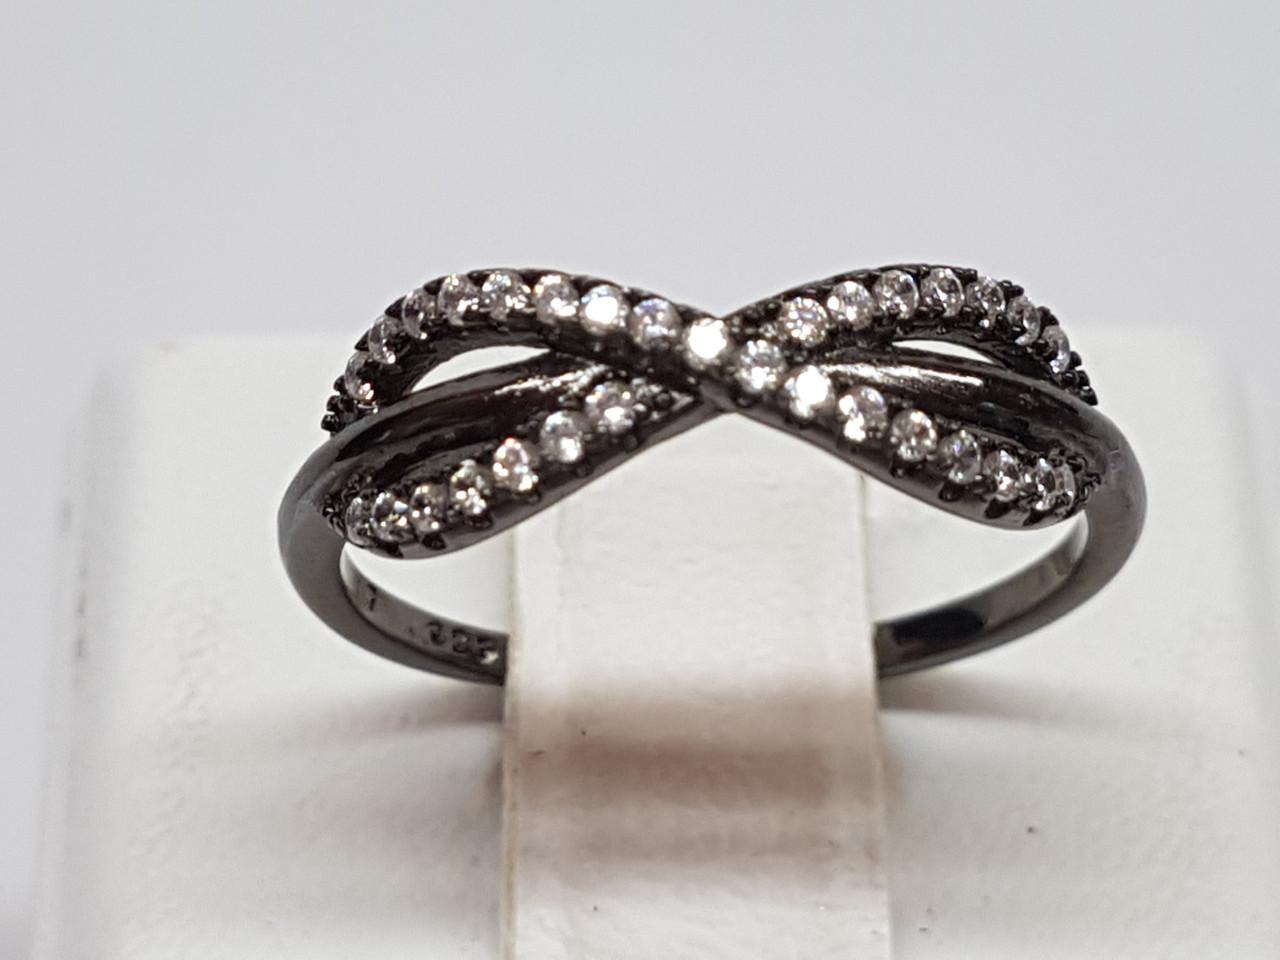 Серебряное кольцо с фианитами. Артикул YR1070-1317 17,2